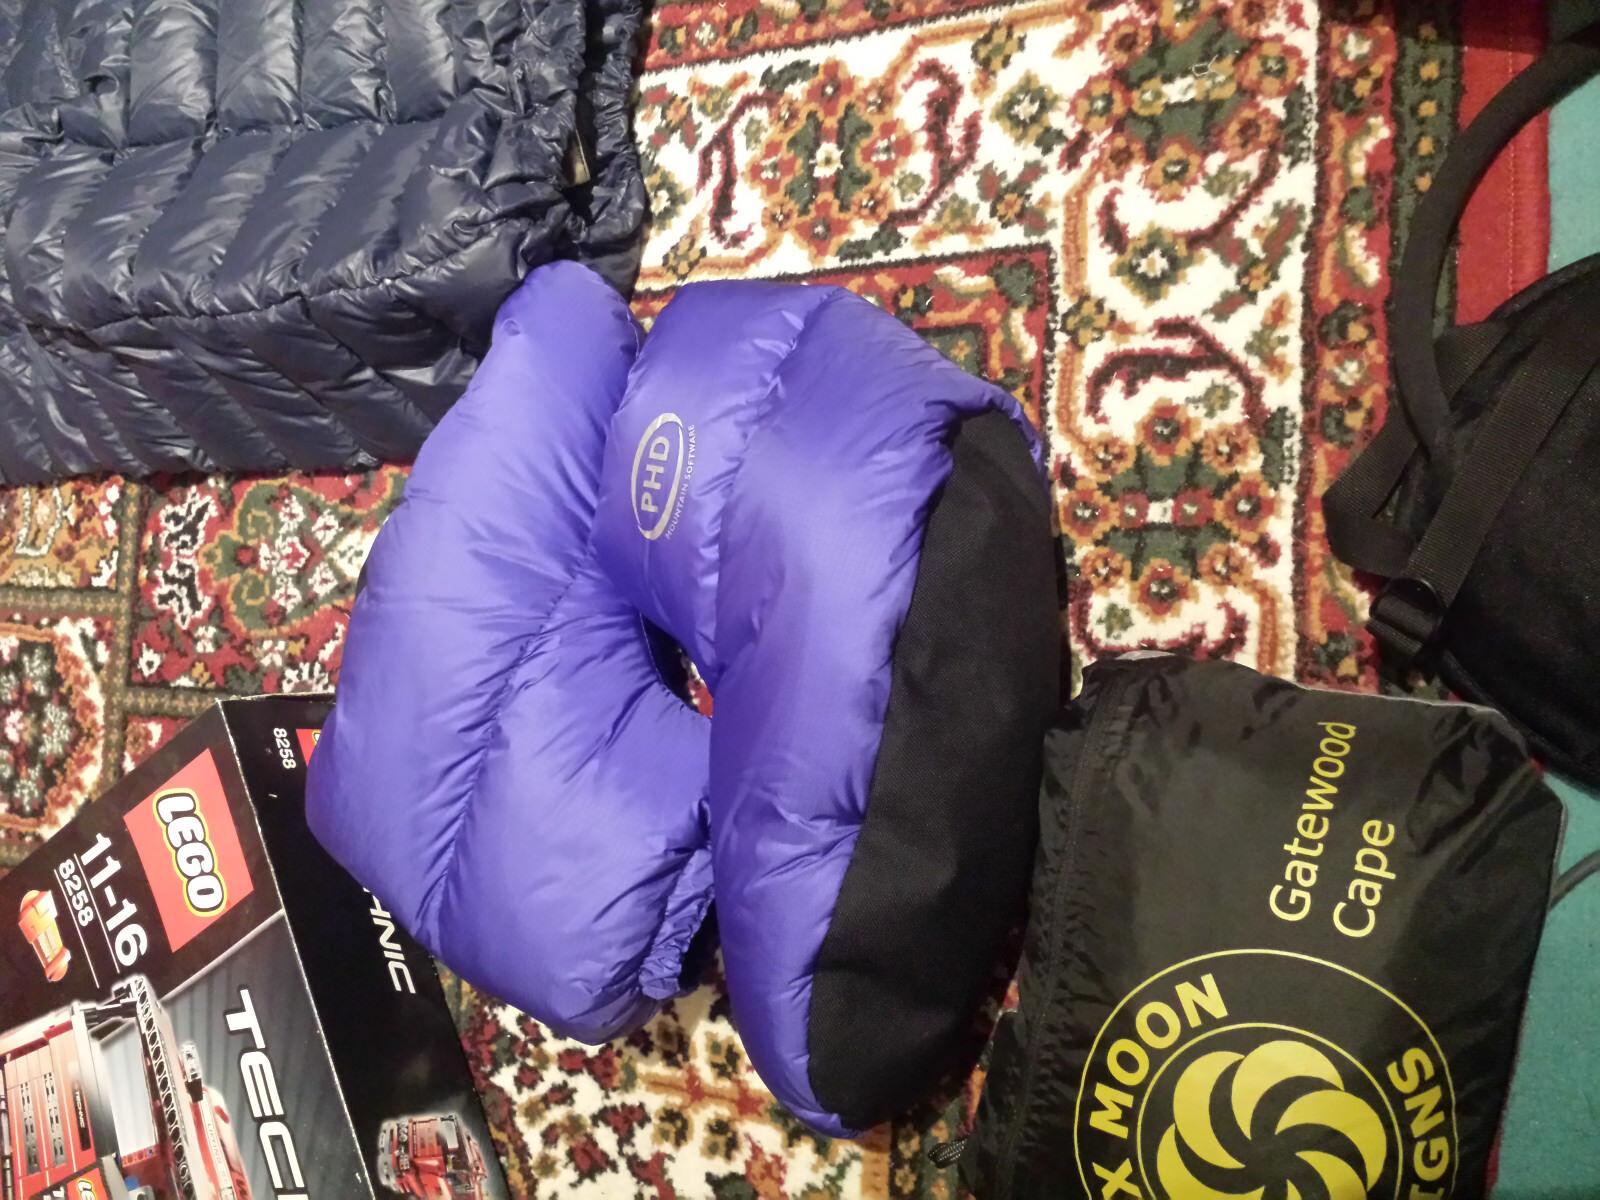 Phd Xero Down Socks Dauensocken Daunenschuhe ultraleicht Expedition